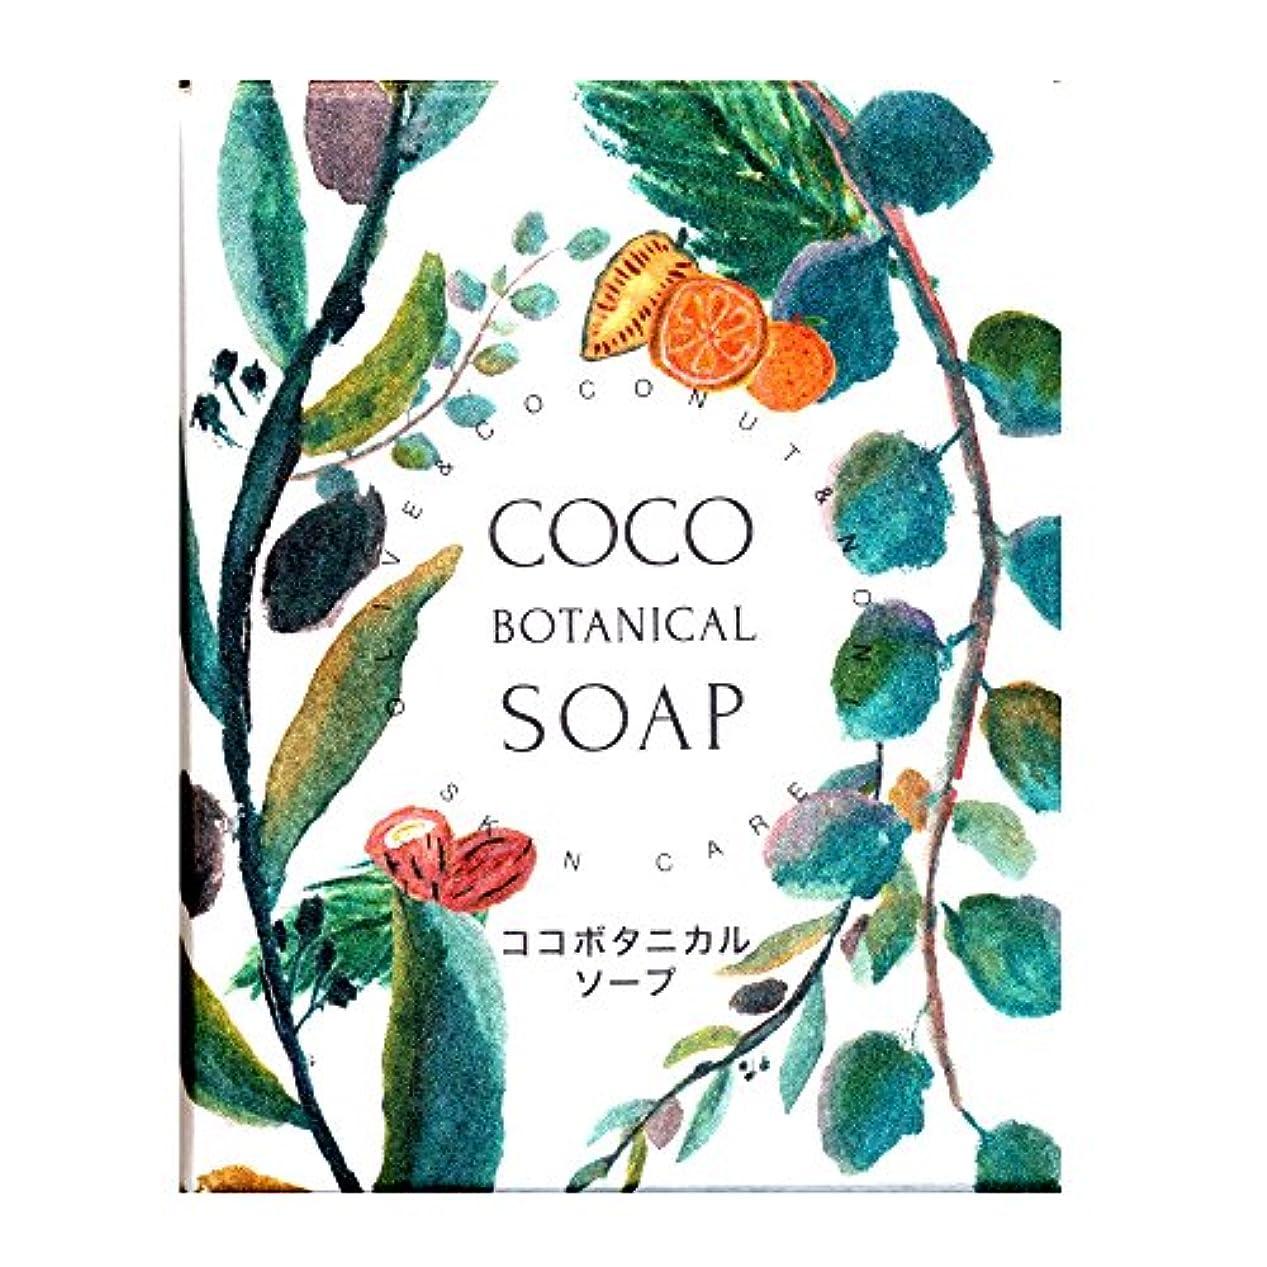 クレーター広告交響曲ココ ボタニカルソープ 95g (洗顔石鹸)